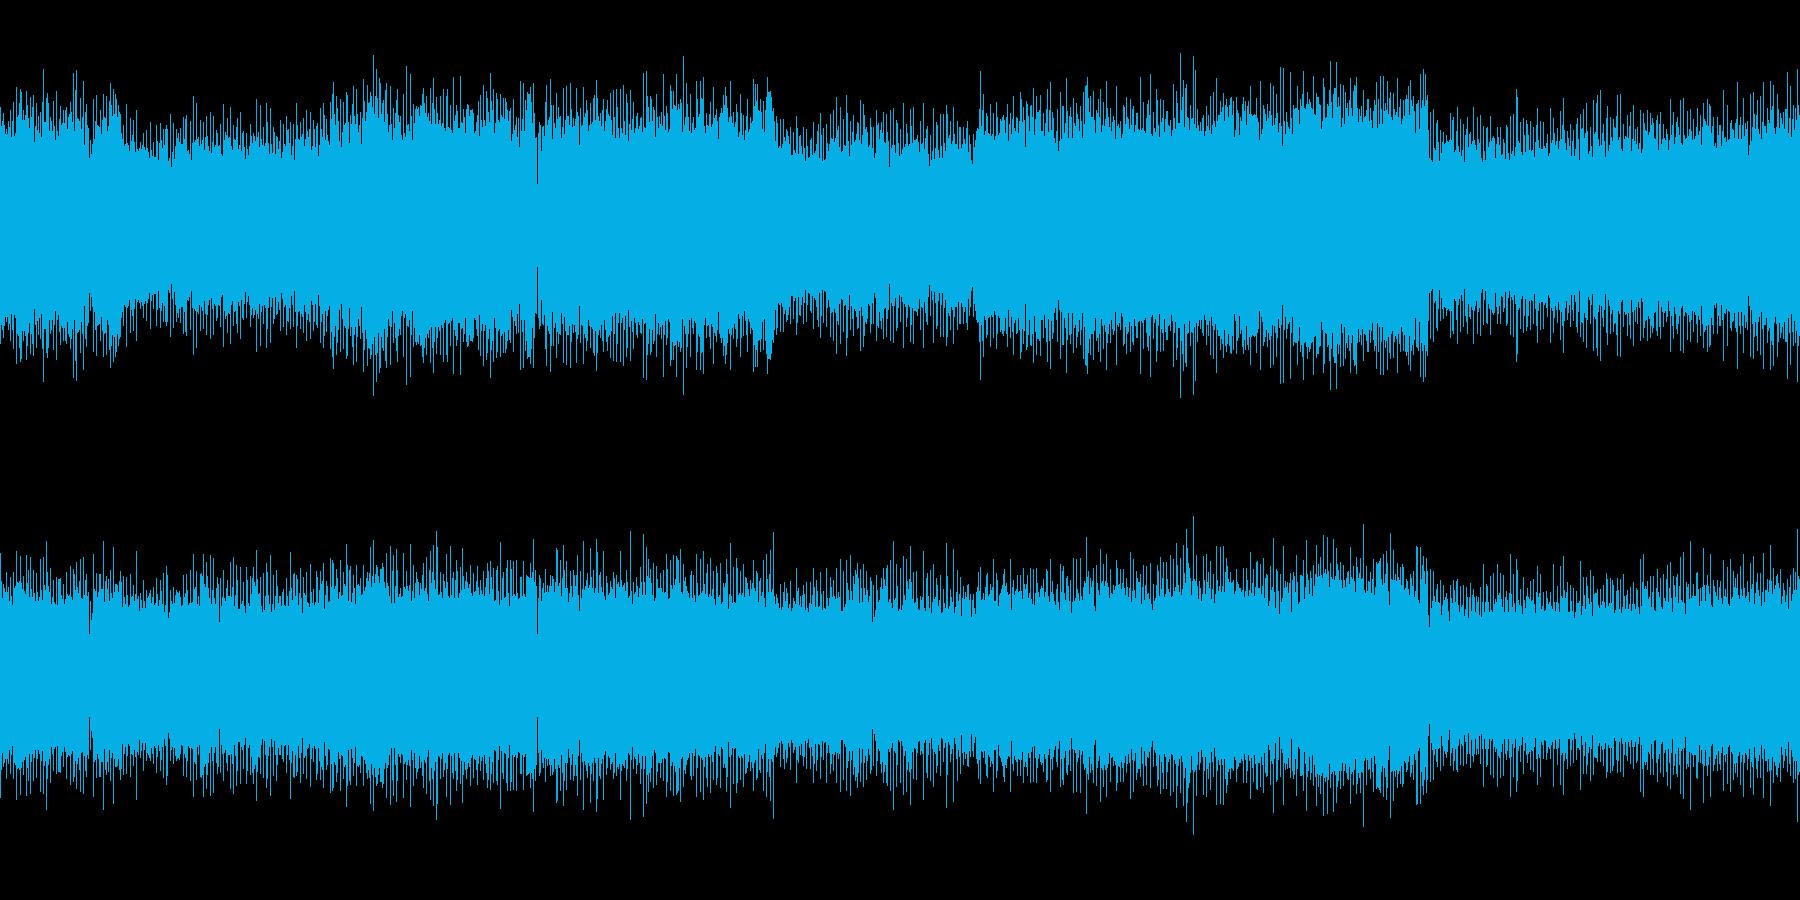 ループ オーケストラとロックのバトルの再生済みの波形